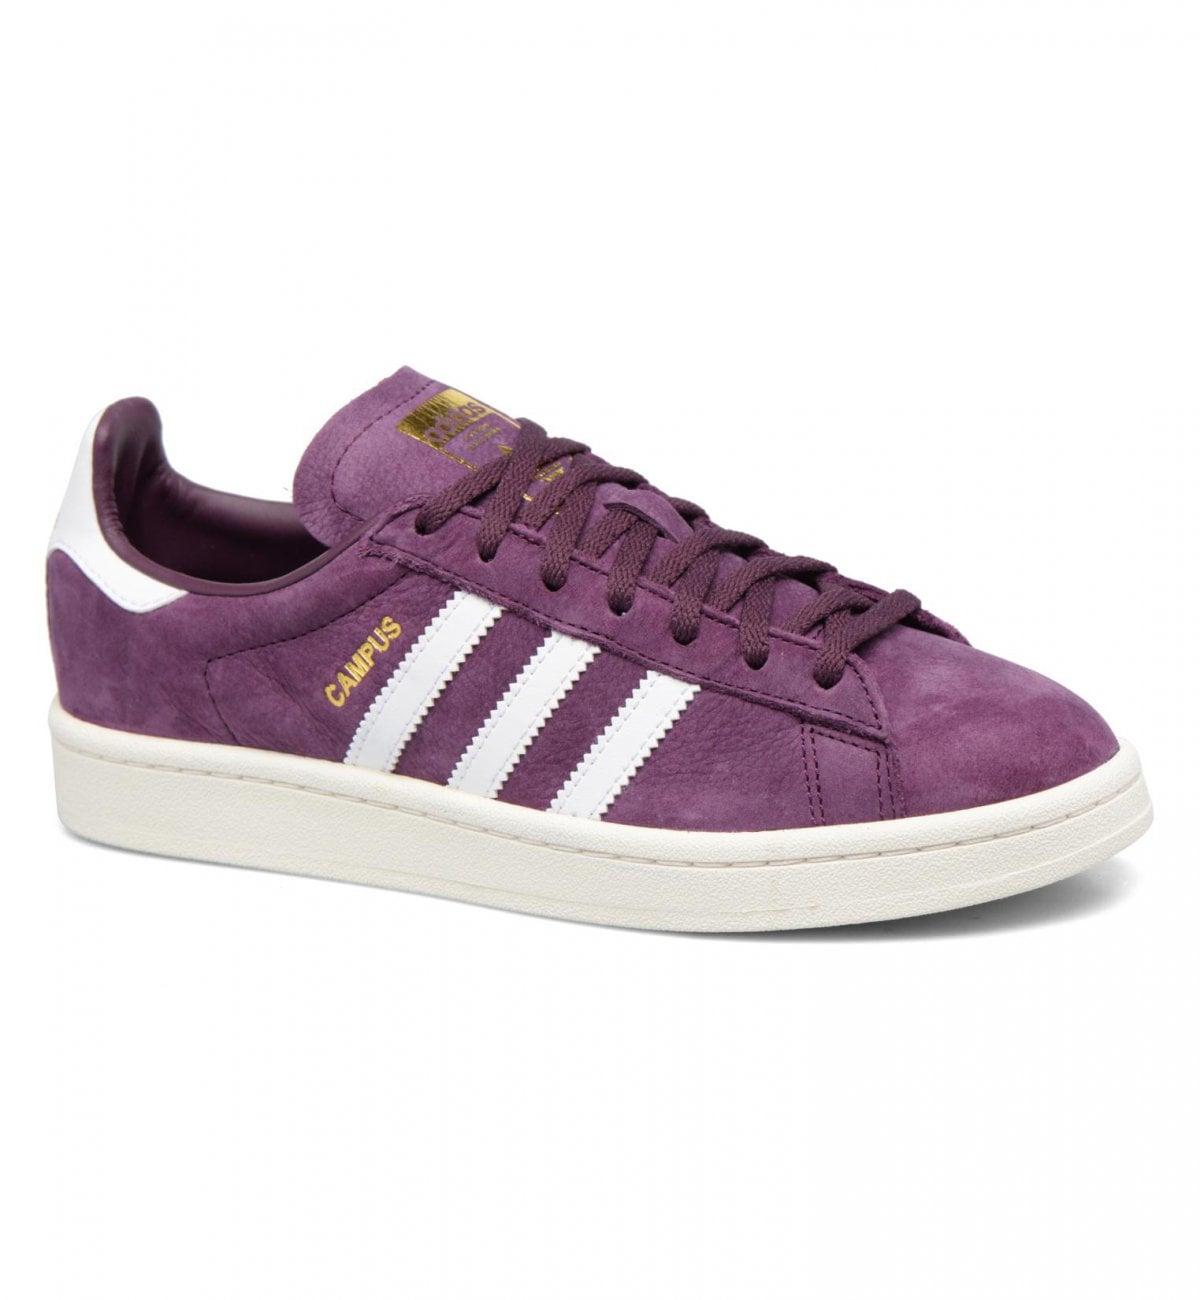 basket adidas femme violette